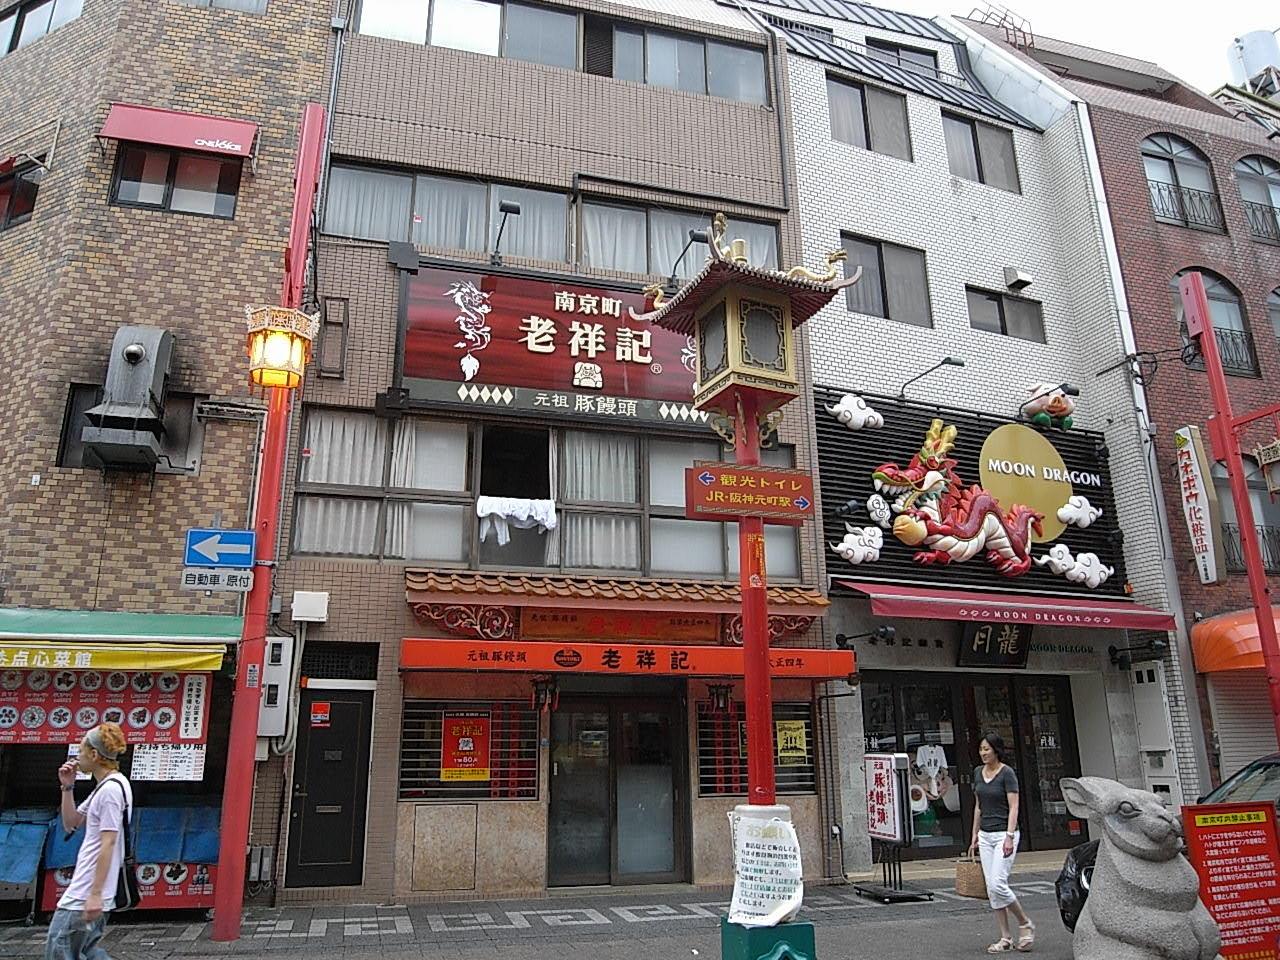 南京町の老舗豚まん屋「老祥記」と豚グッズのお店「月龍」